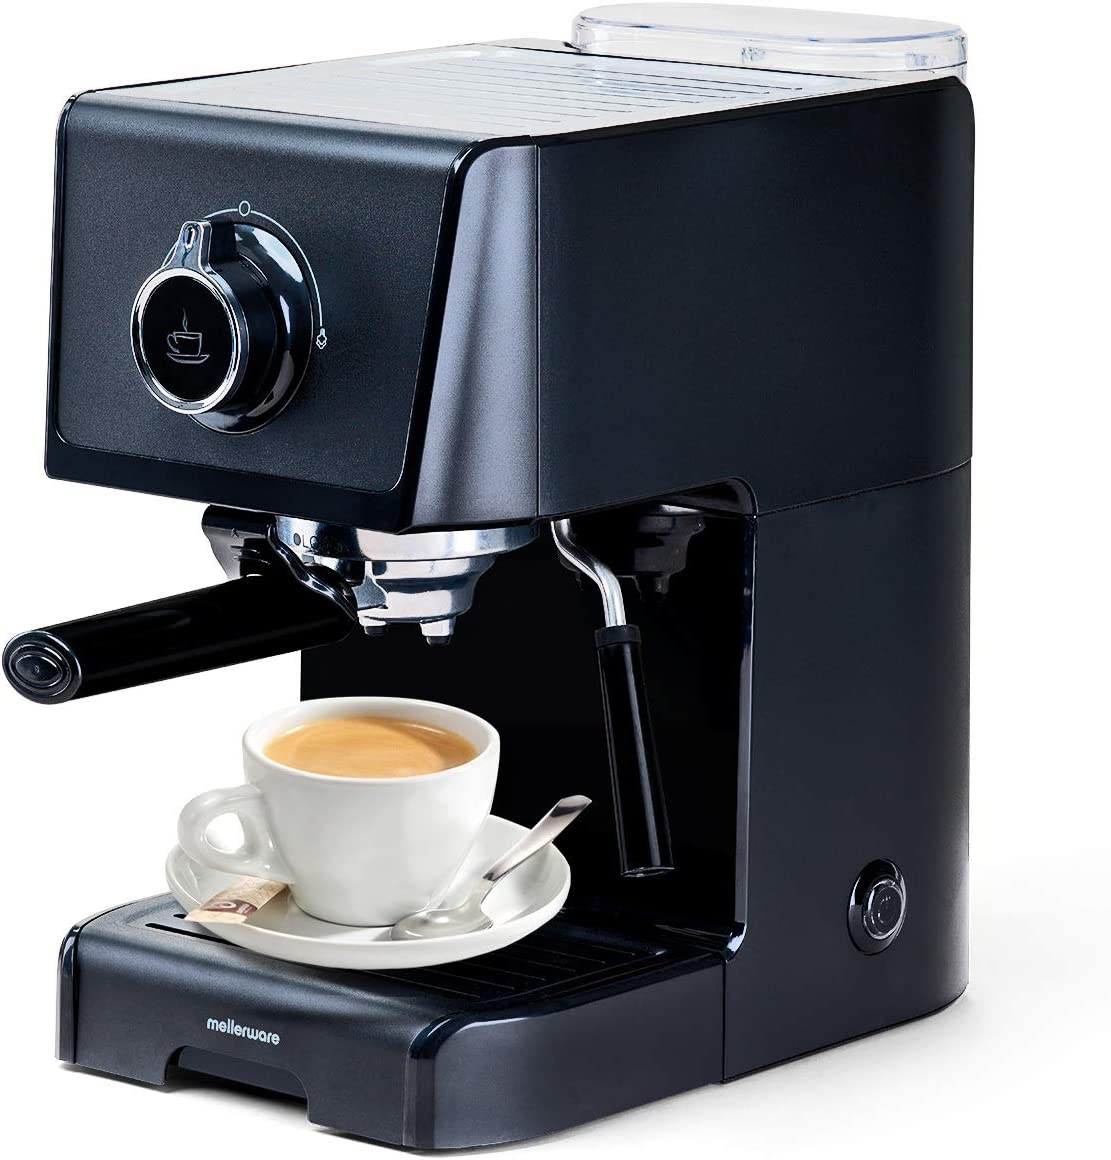 Cafetera express para espresso y capuccino. 1200W 15 Bares. Vaporizador orientable. Capacidad 1,2L Café molido y monodosis. Cafetera eléctrica. Bandeja Calientatazas. Modelo KOFFY!